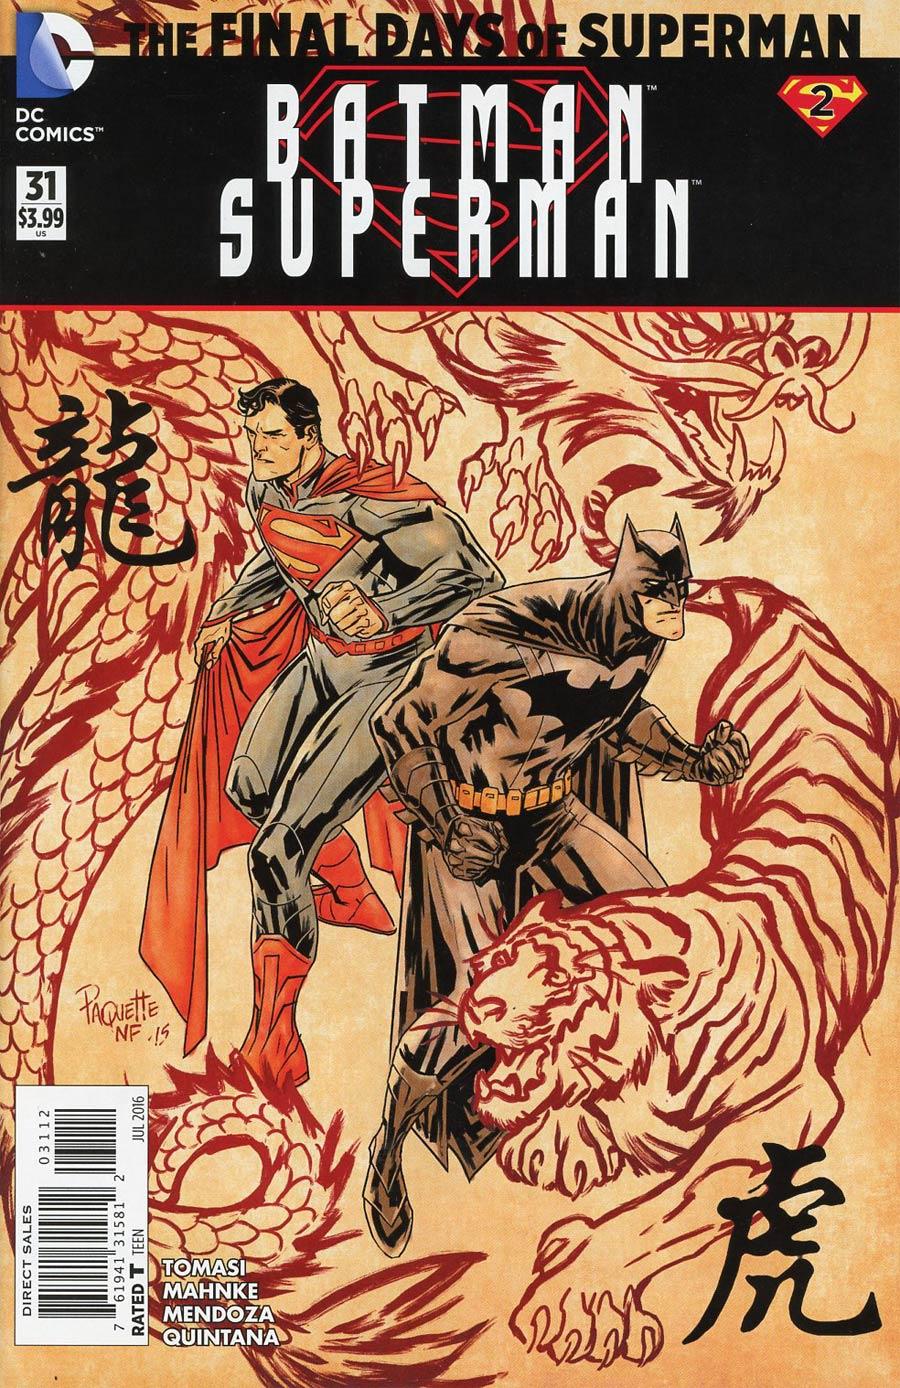 Batman Superman #31 Cover C 2nd Ptg Yanick Paquette Variant Cover (Super League Part 2)